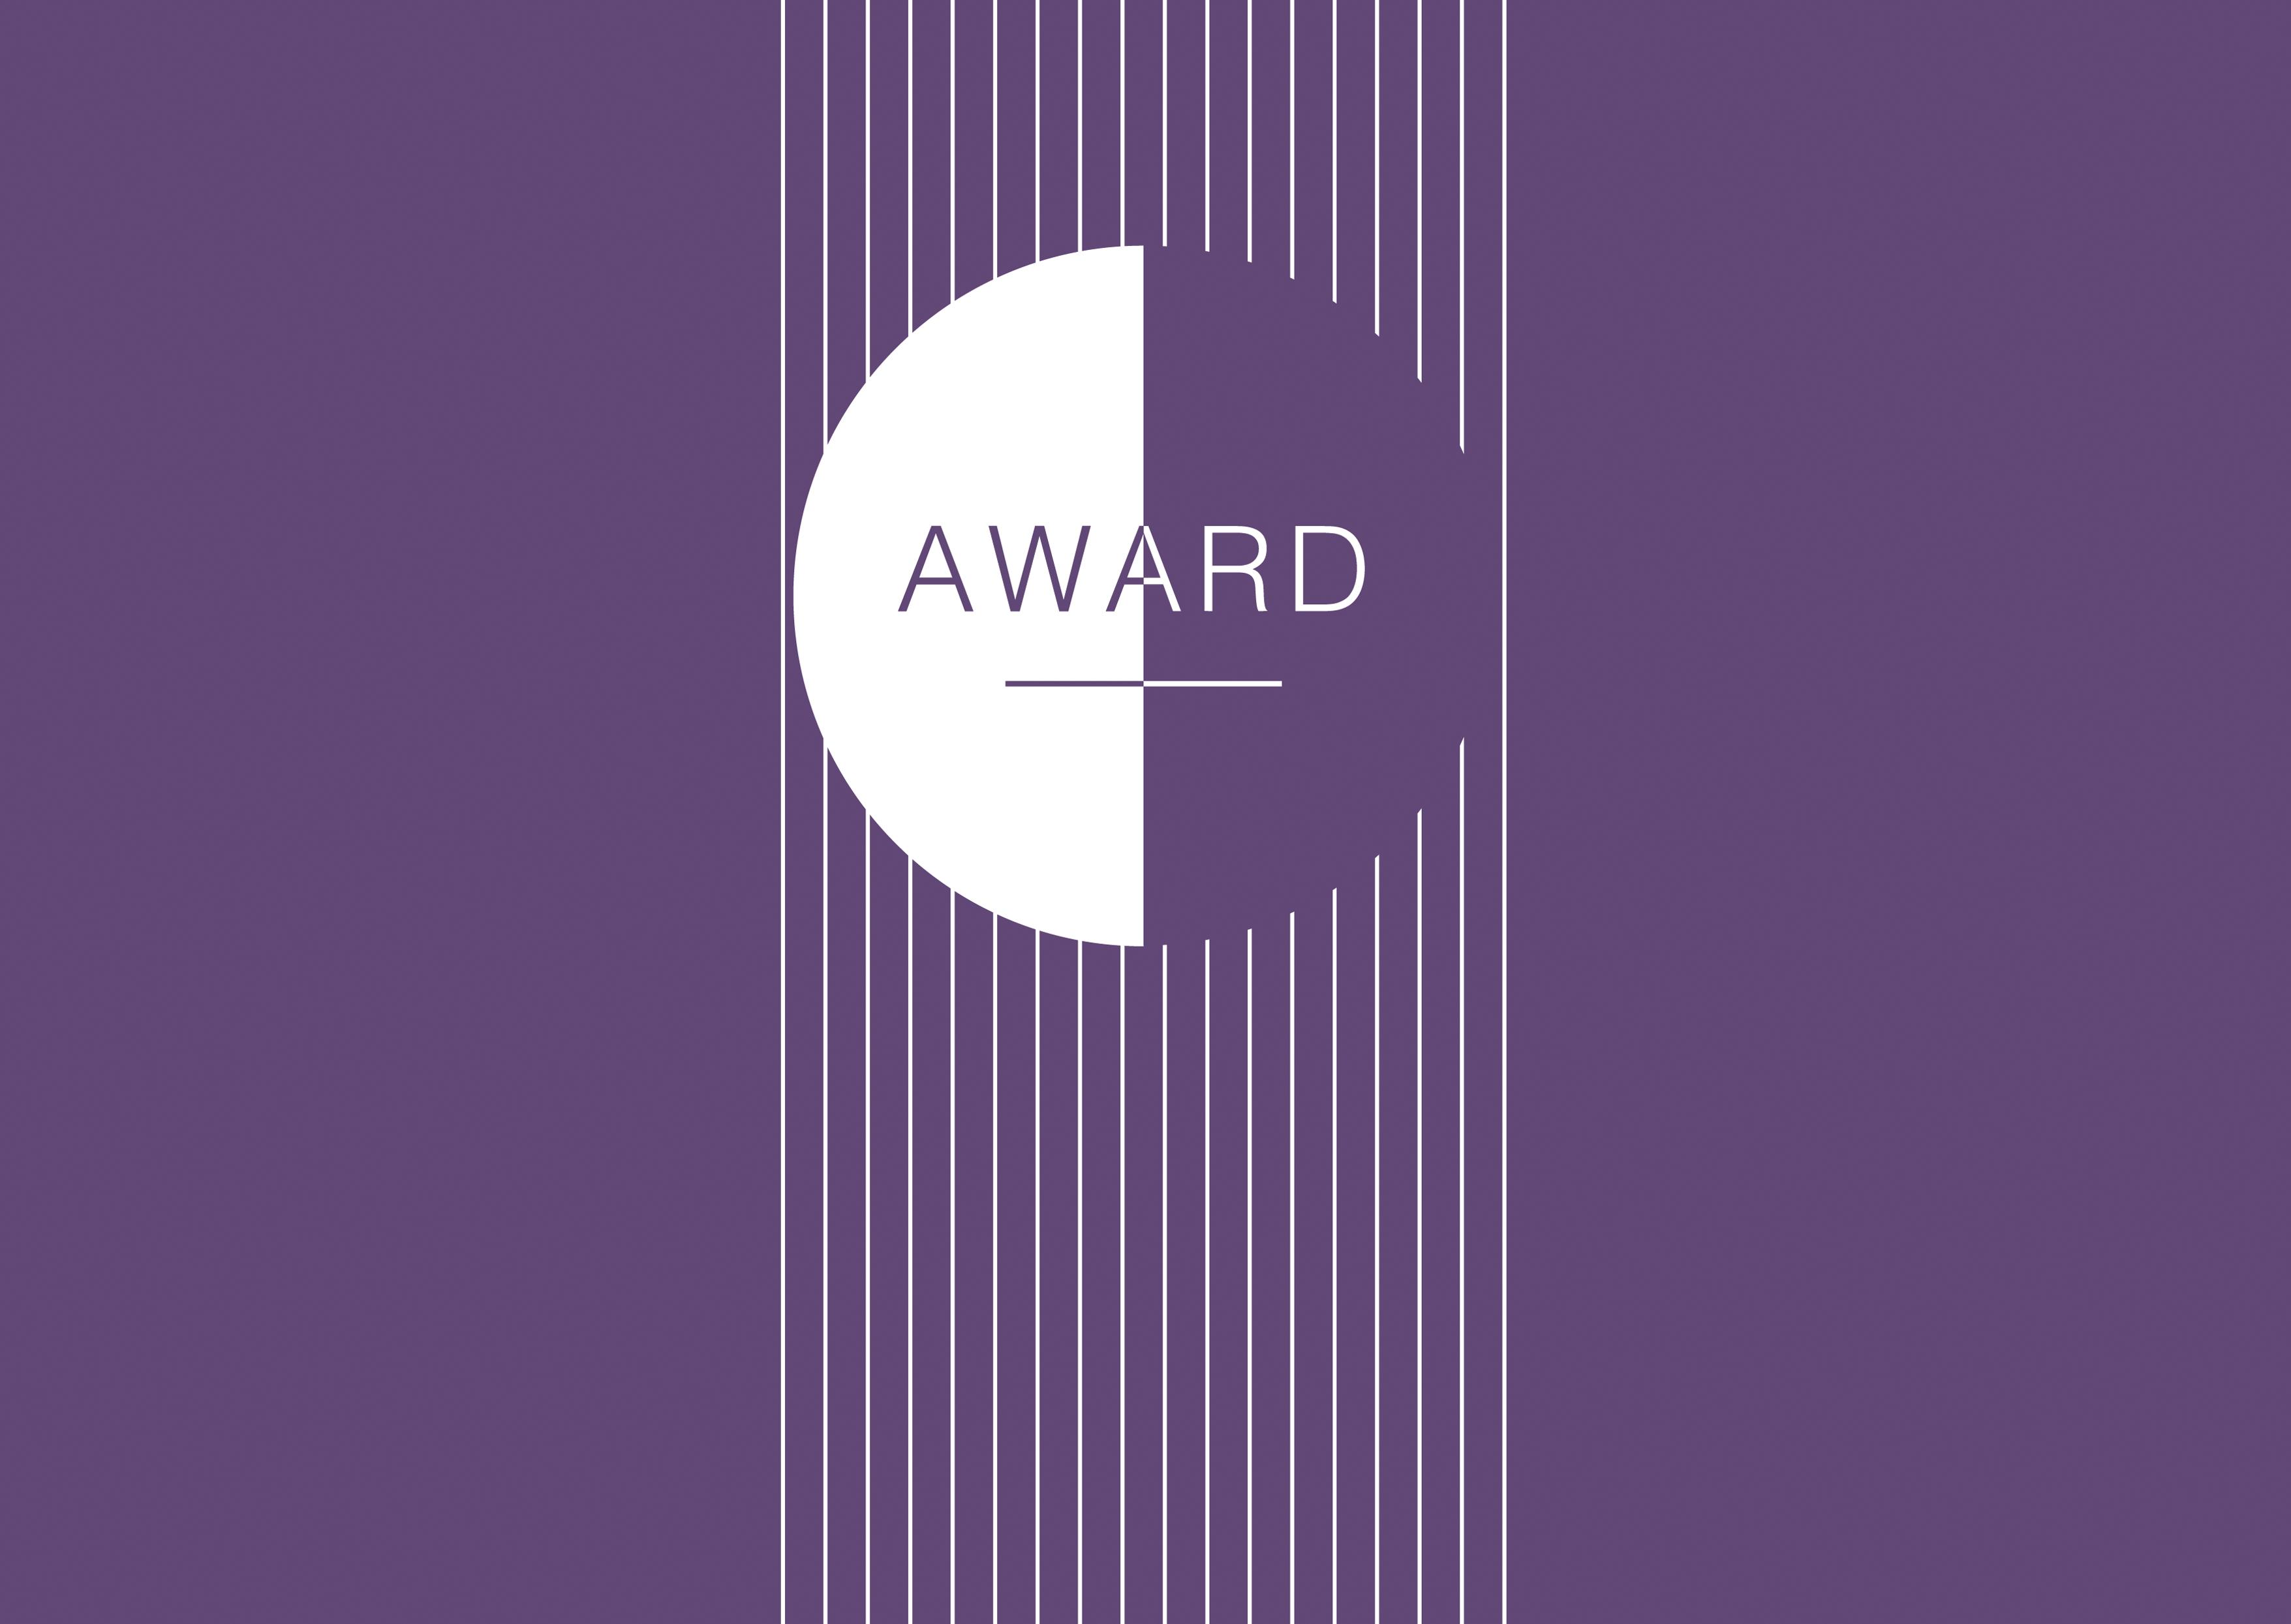 Anouk-Stoffels-Aithra-Award-Ontwerp3